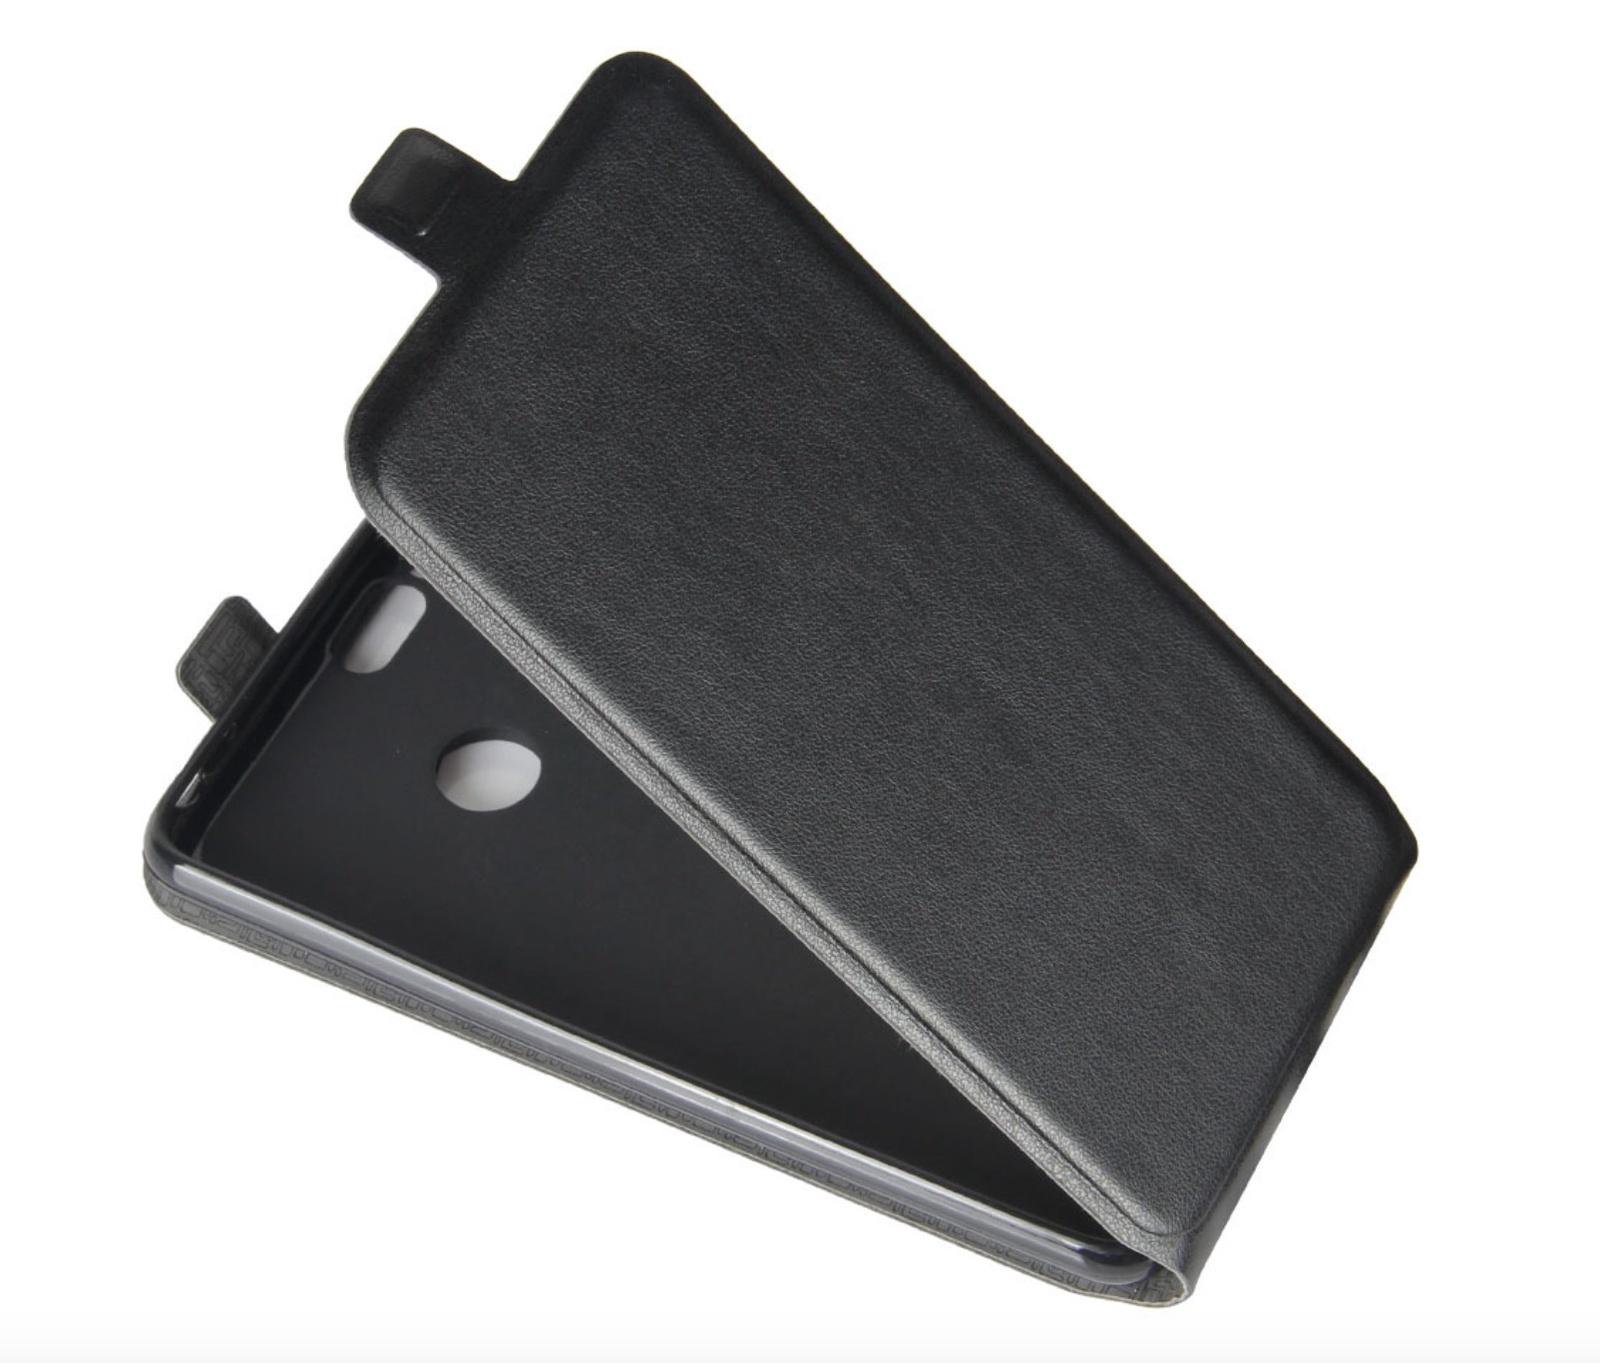 все цены на Чехол-флип MyPads для Nokia Lumia 920 вертикальный откидной черный онлайн